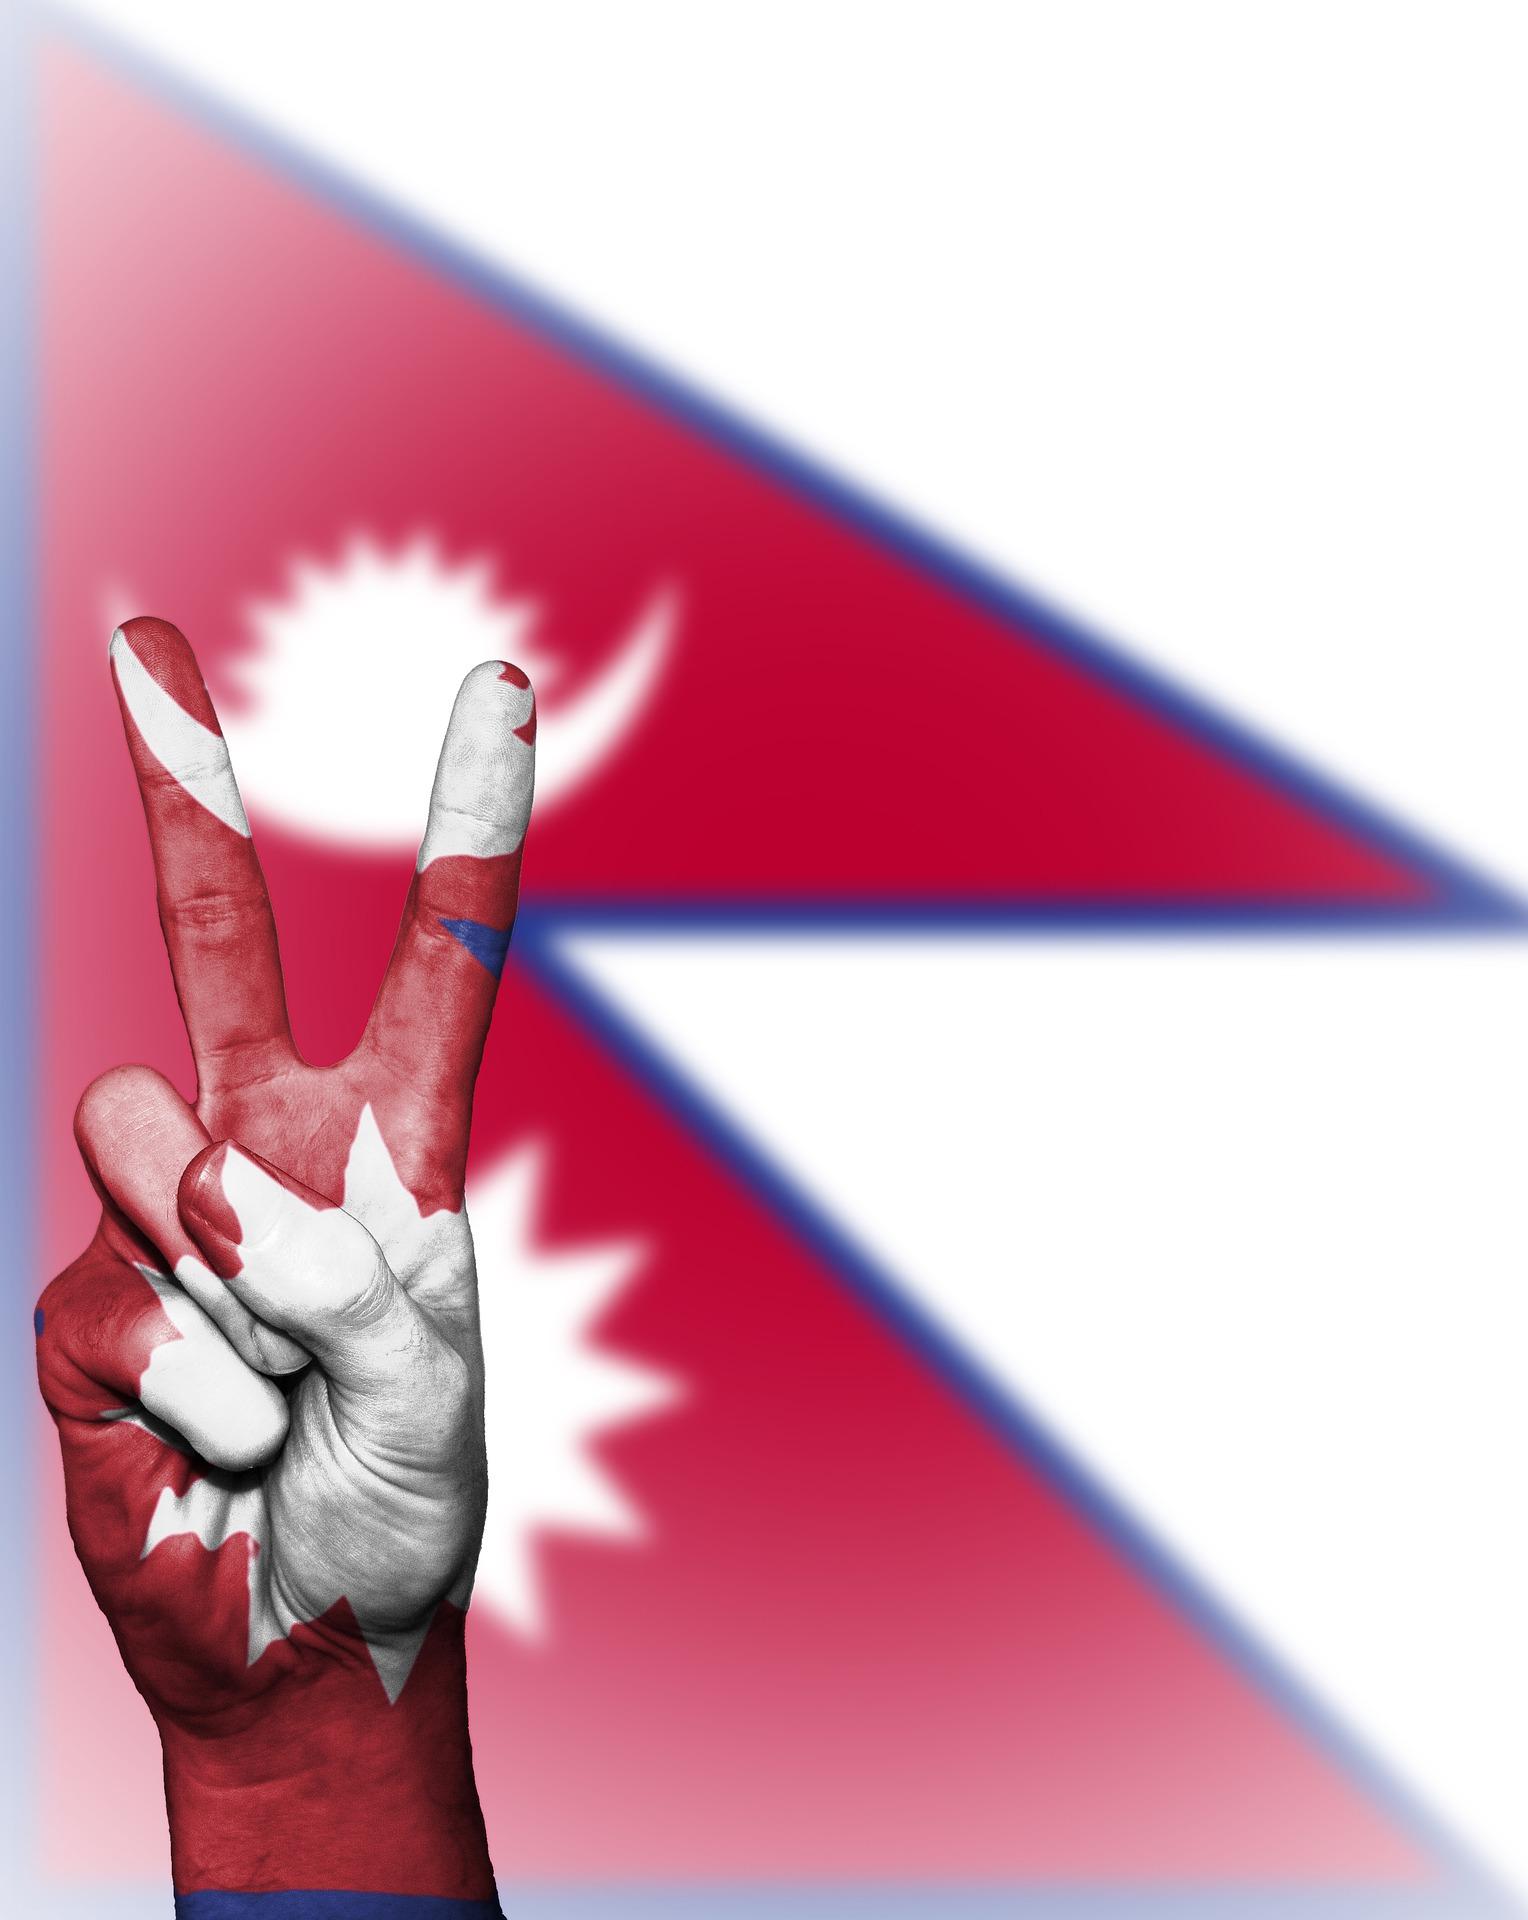 nepal-2131320_1920